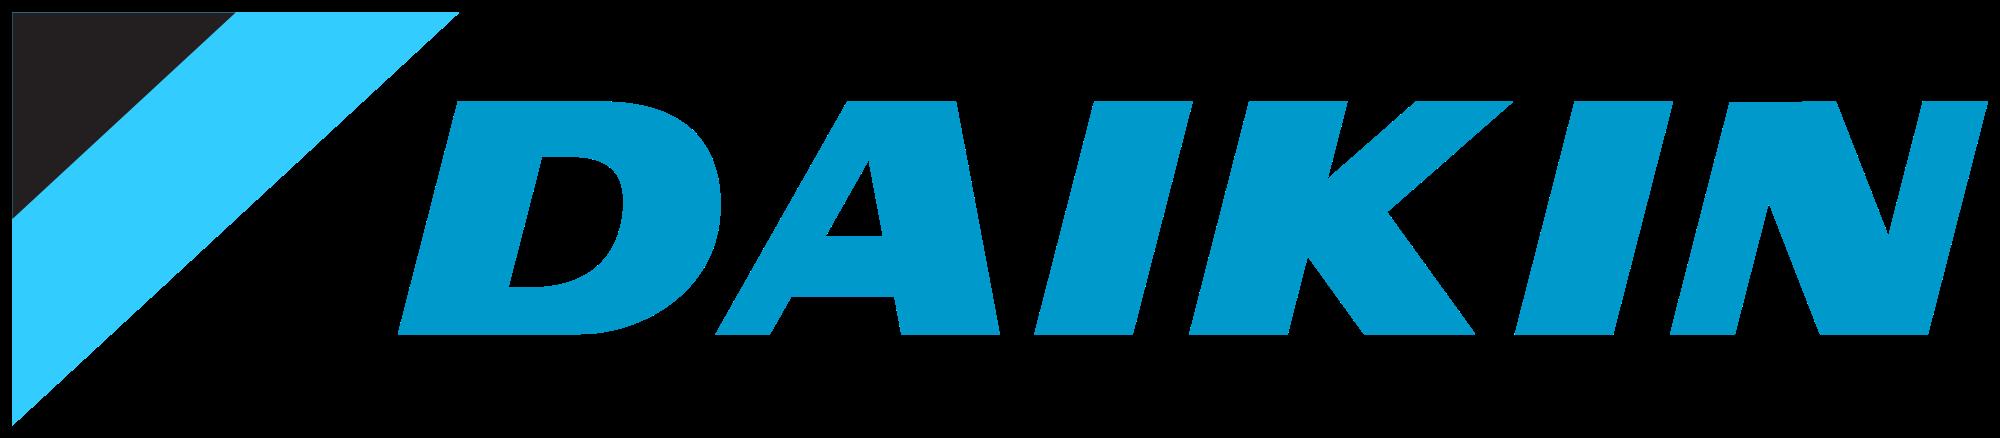 DAIKIN - Altherma